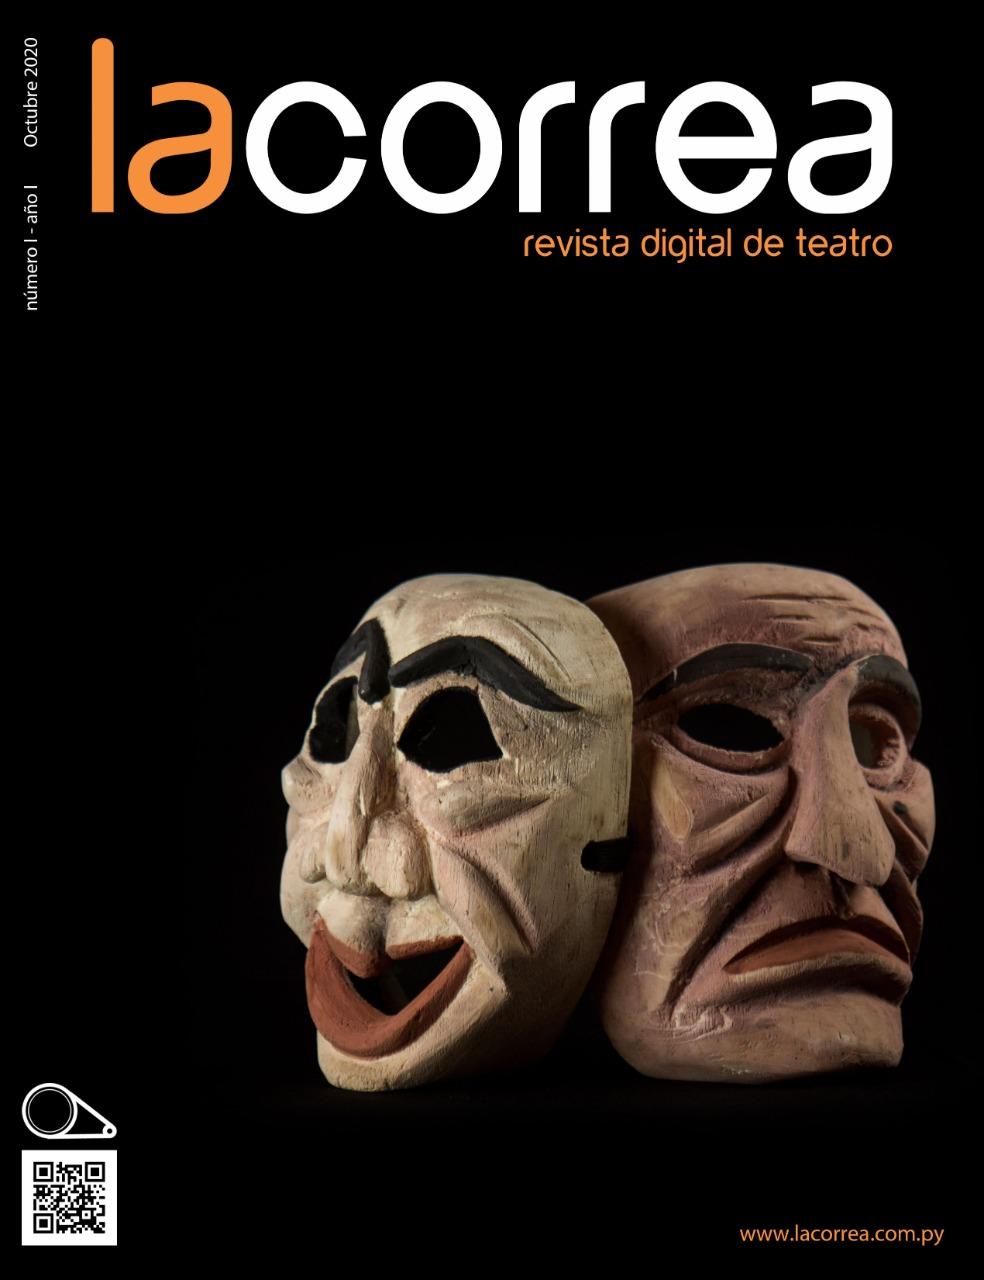 """Fondos de Cultura: lanzan """"La Correa, revista digital de teatro"""" imagen"""